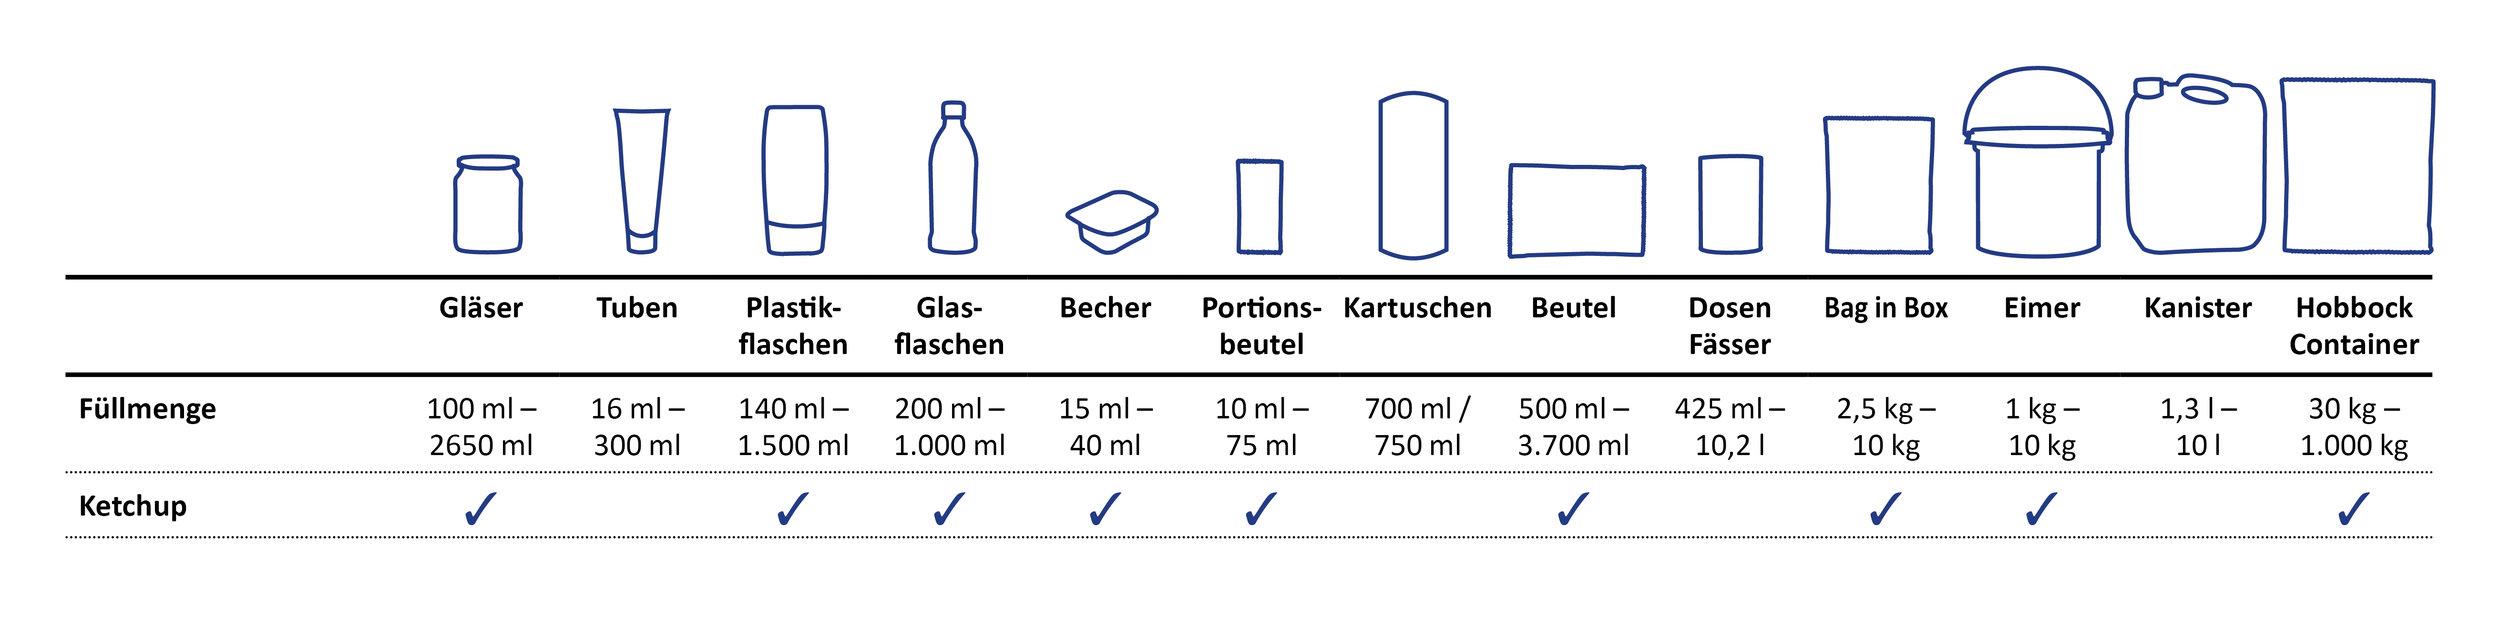 verpackungsuebersicht -sueko-ketchup.jpg